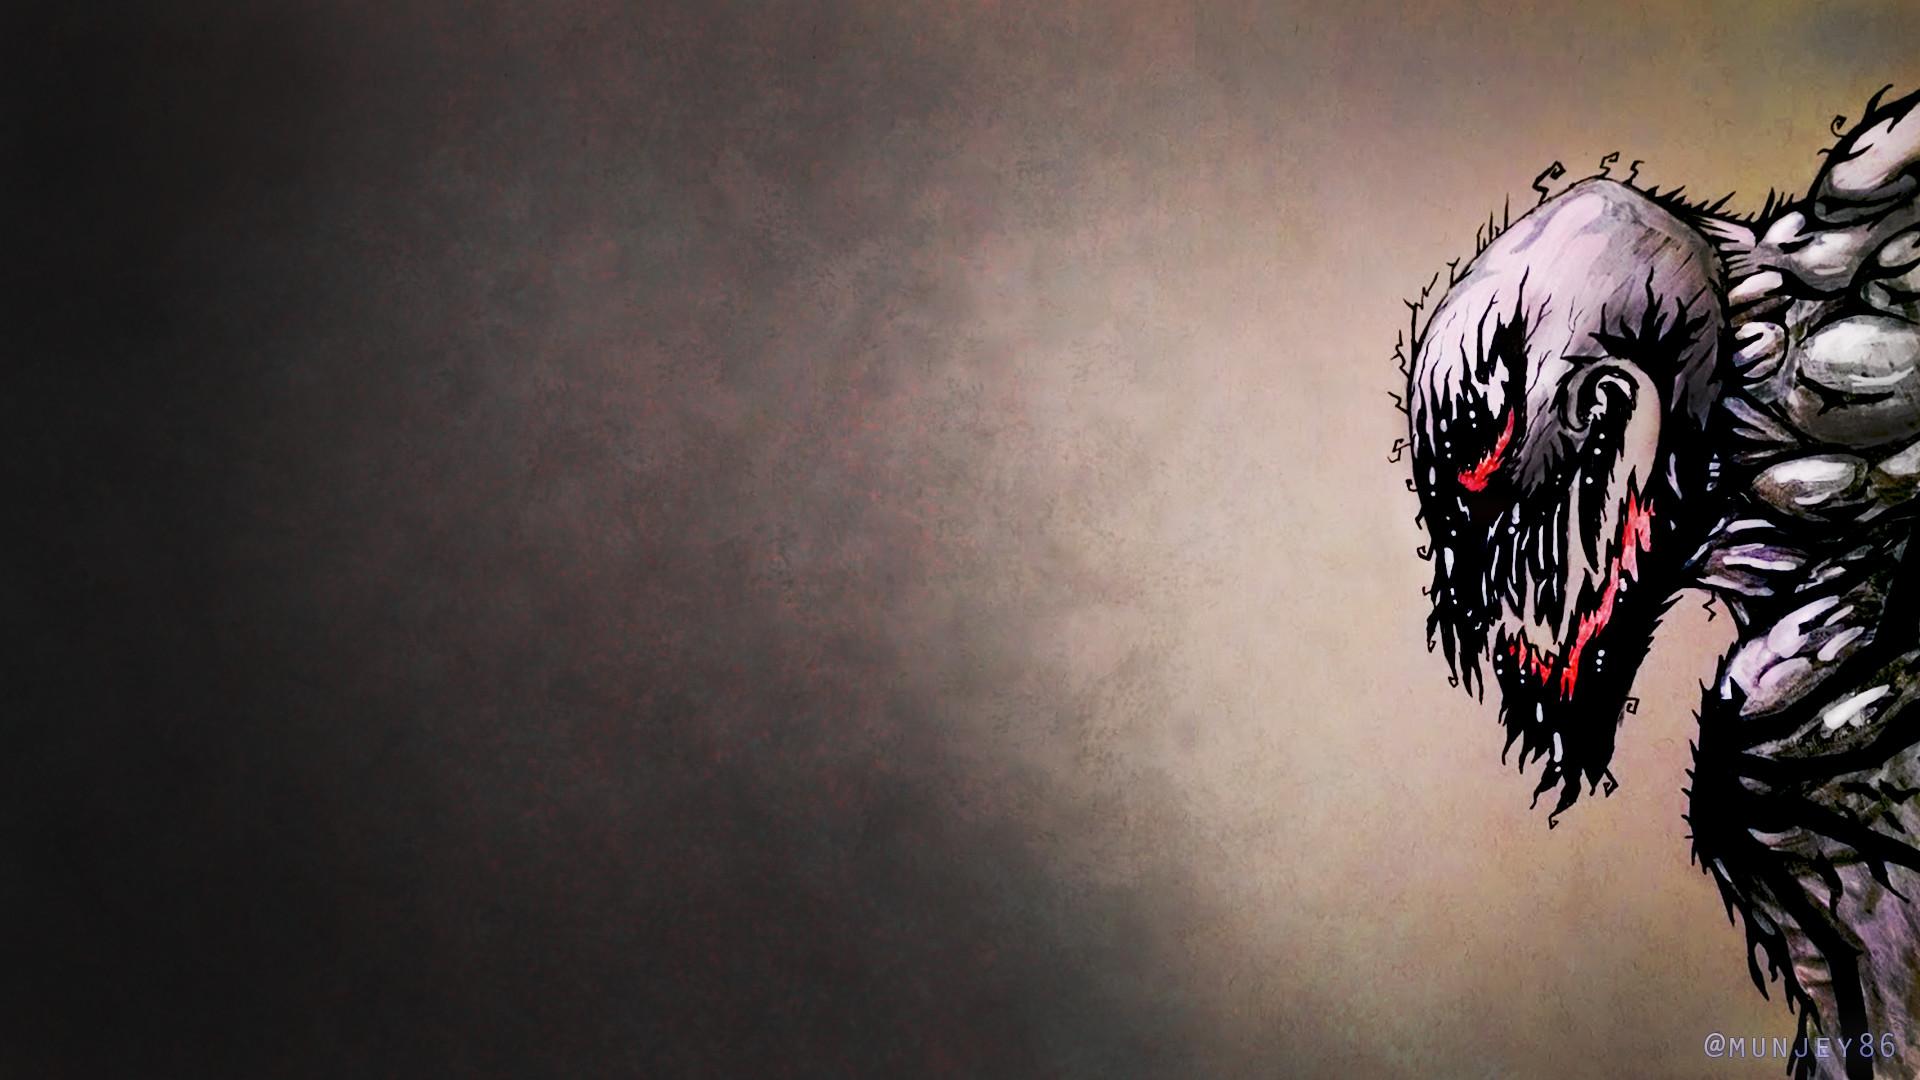 Hd Agent Venom Wallpaper 73 Images